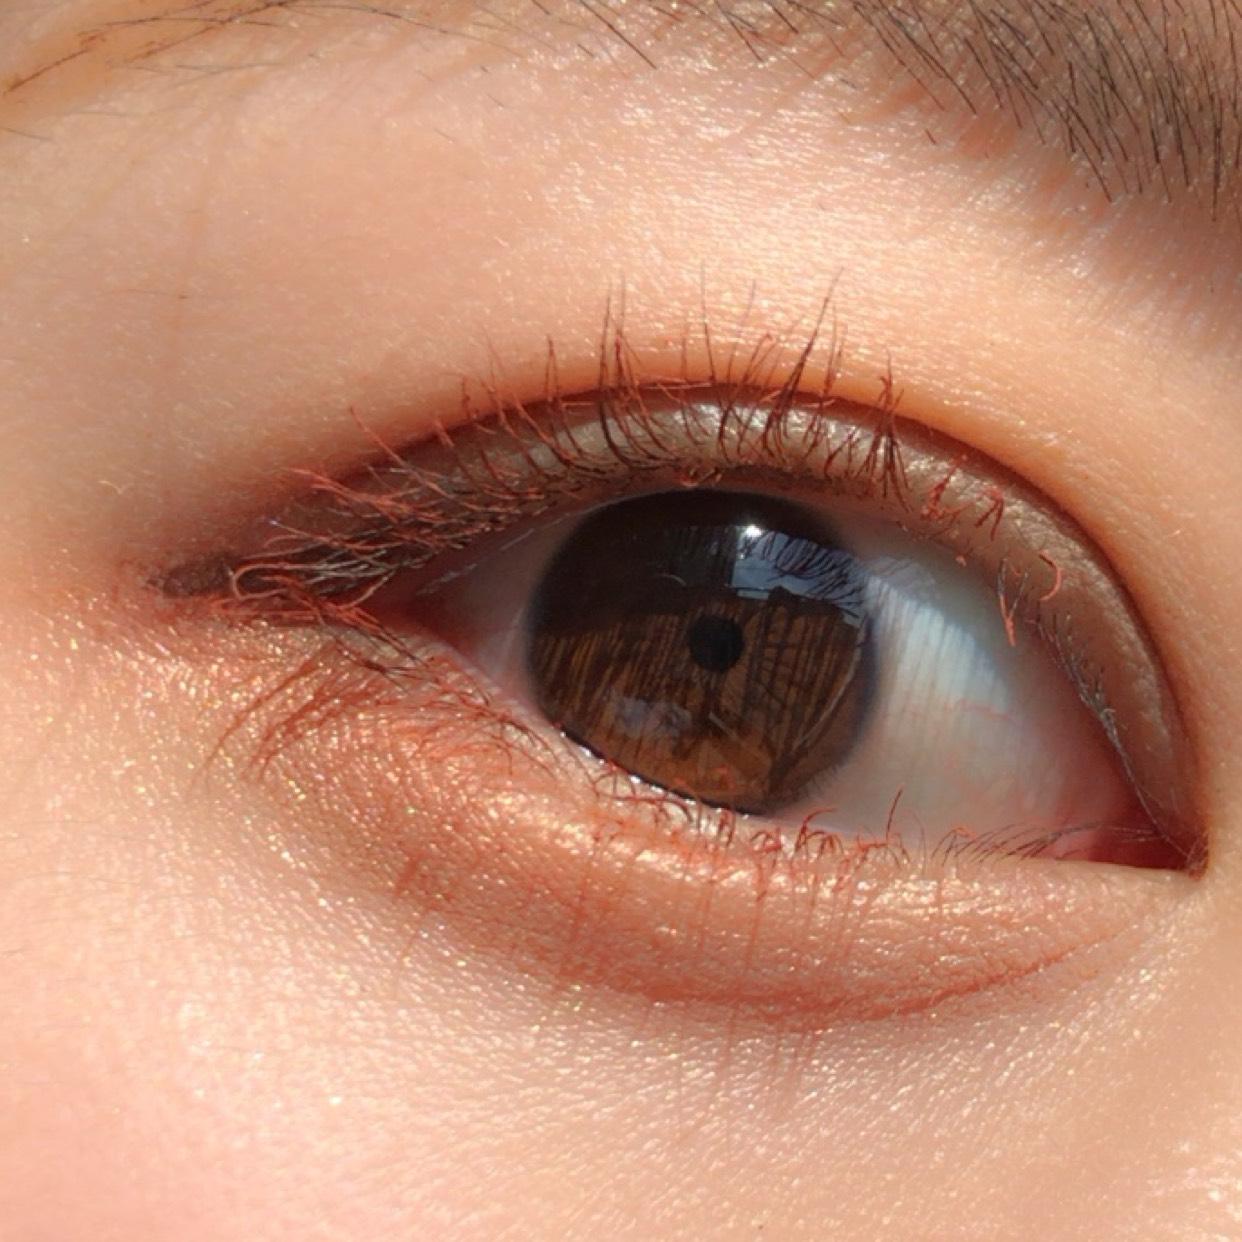 以前レビューした ペリペラのカラーマスカラで まつ毛に色をつけます◎  最後にブラウンのラインを 目に沿う形に目尻だけひいて完成です!